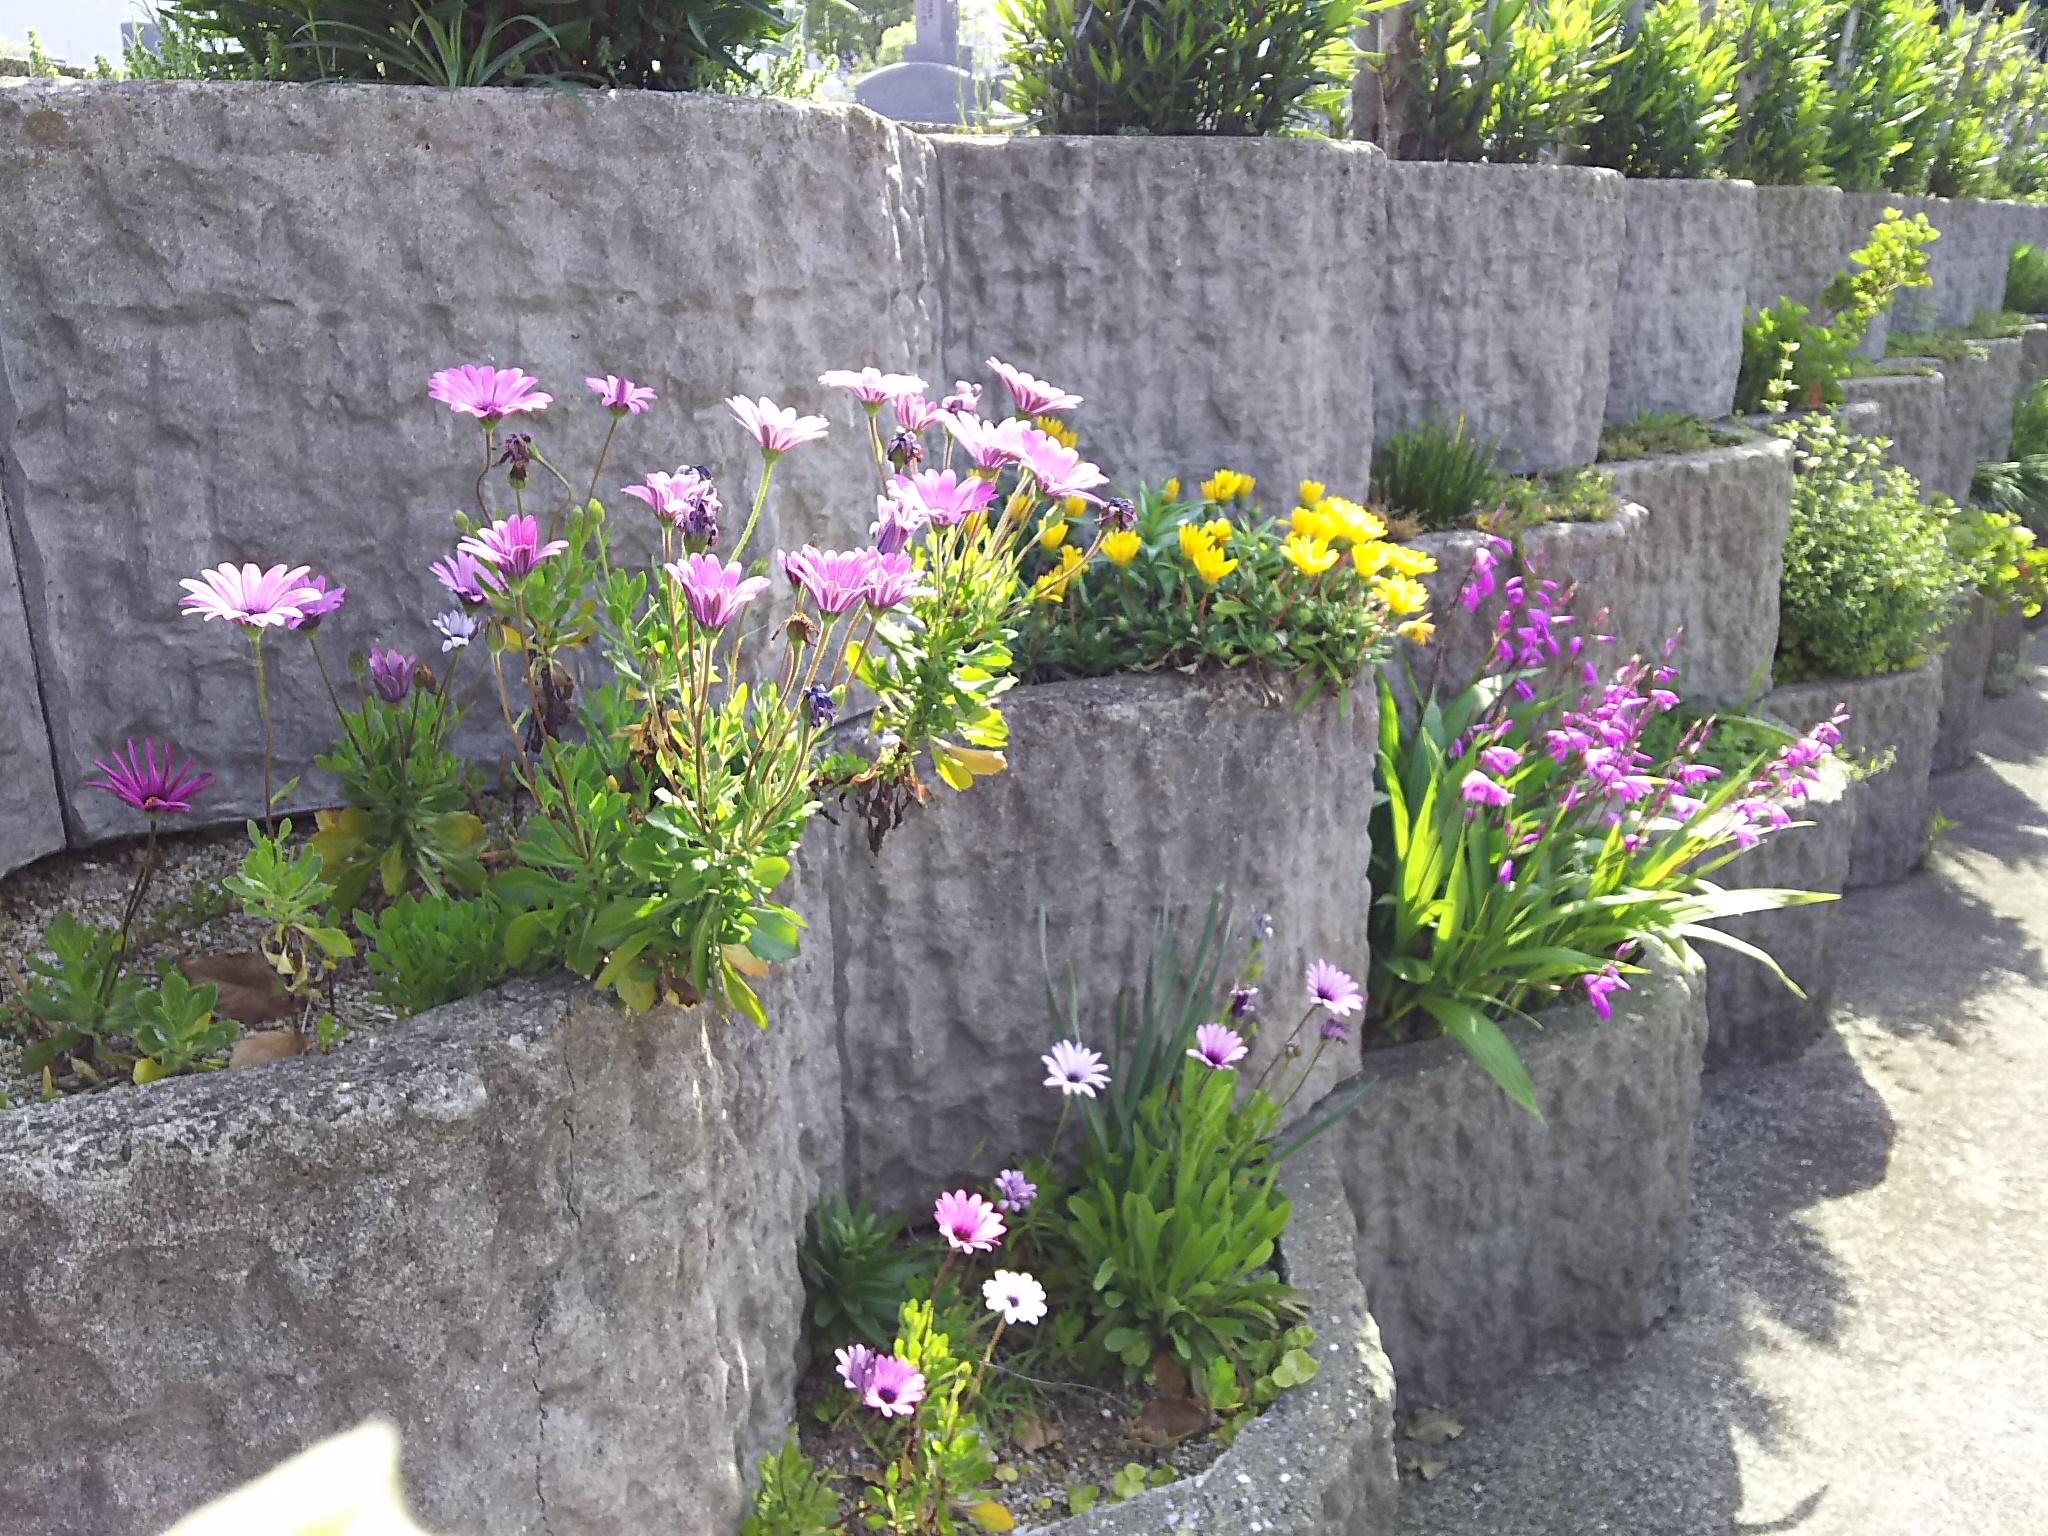 季節を彩る花壇に囲まれてお墓参りを